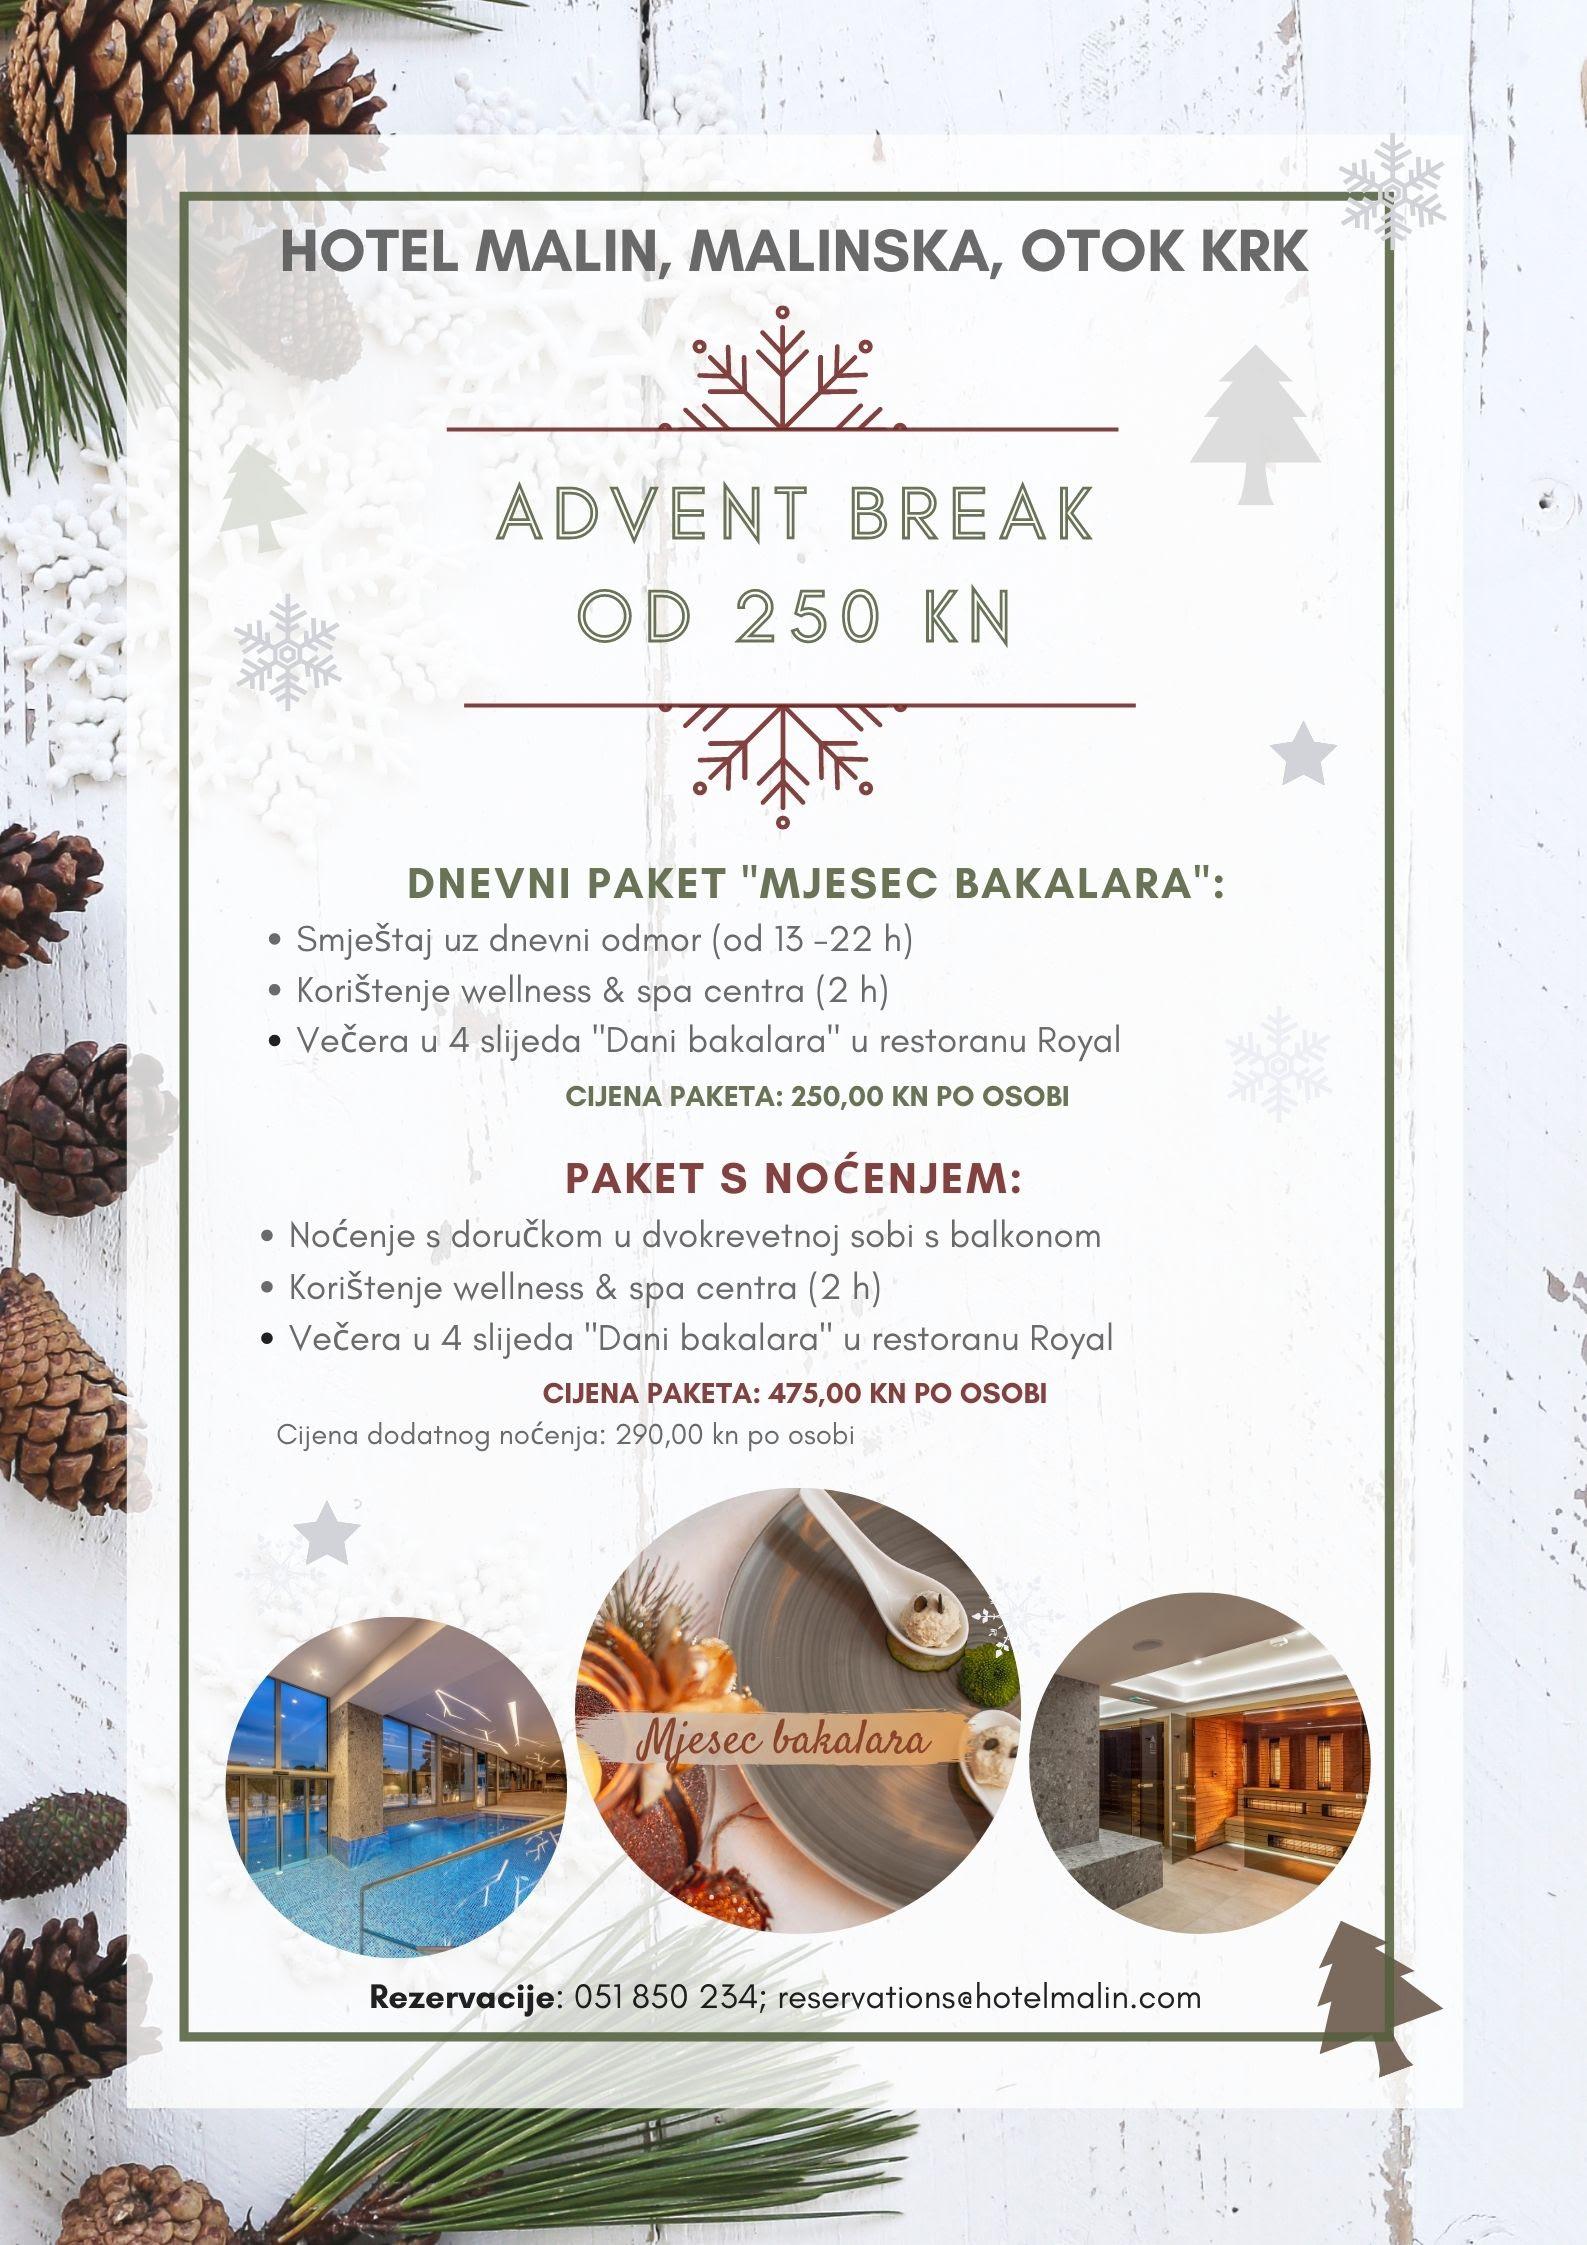 Advent break u Hotelu Malin